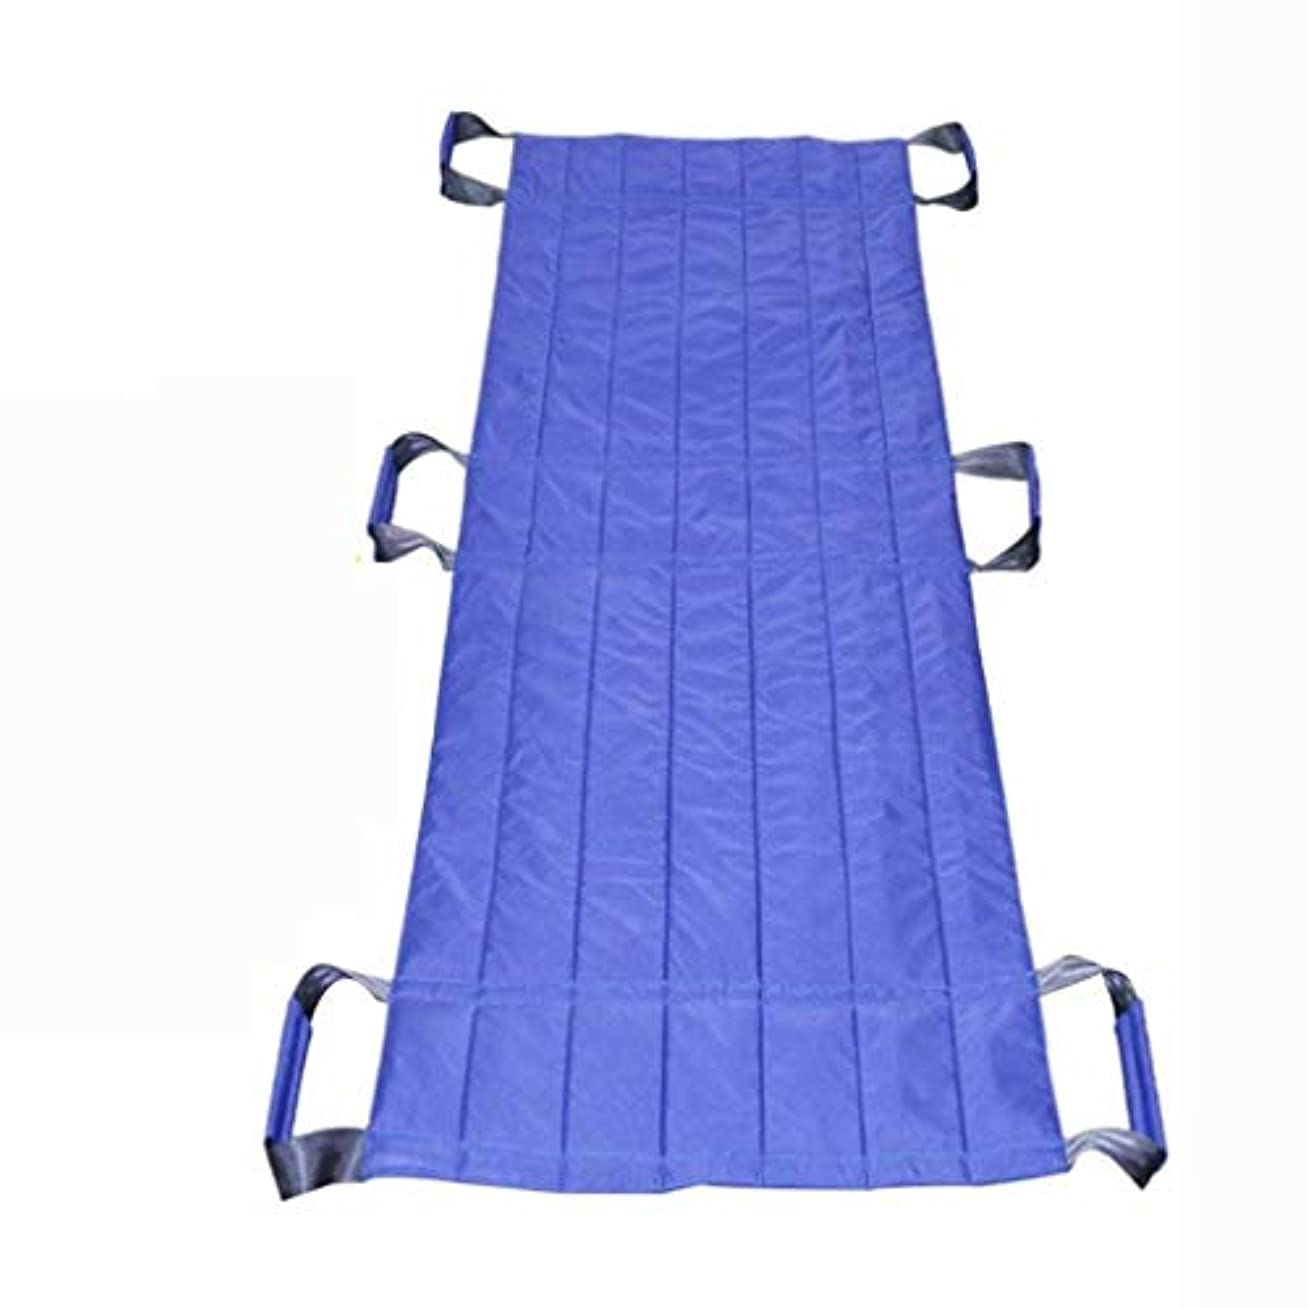 絶対のたっぷり病気の移動ボードベルトスライドターナー移動式スライディング医療用リフティングスリングモビリティ機器のお手入れ - ヘルスケアベッド用品高齢者障害者用肥満体操パッド